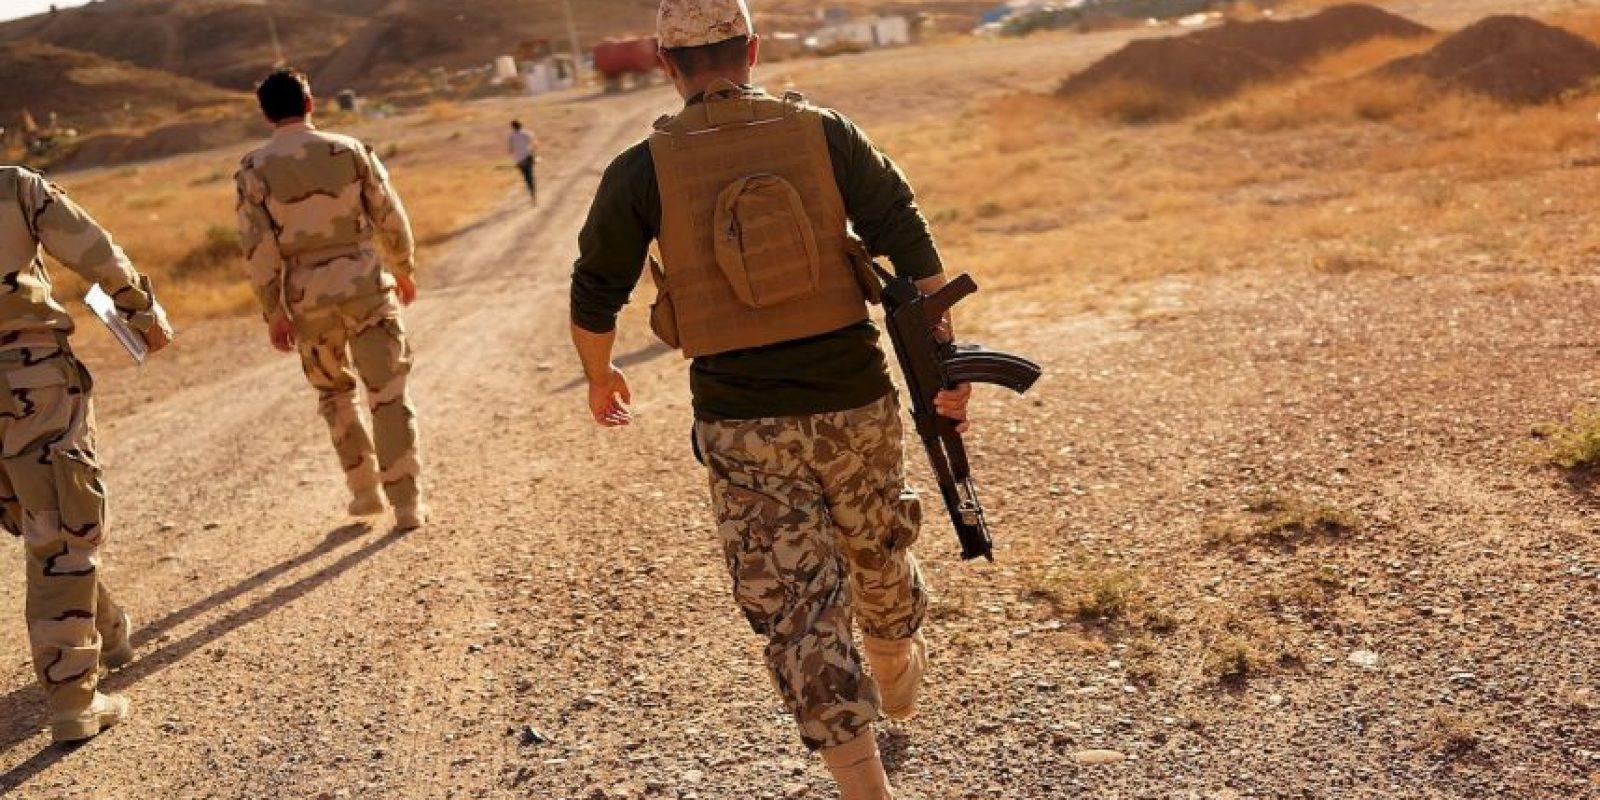 4. De igual forma, indicó que se tomará acción en cuanto al financiamiento ilegal de ISIS. Foto:Getty Images